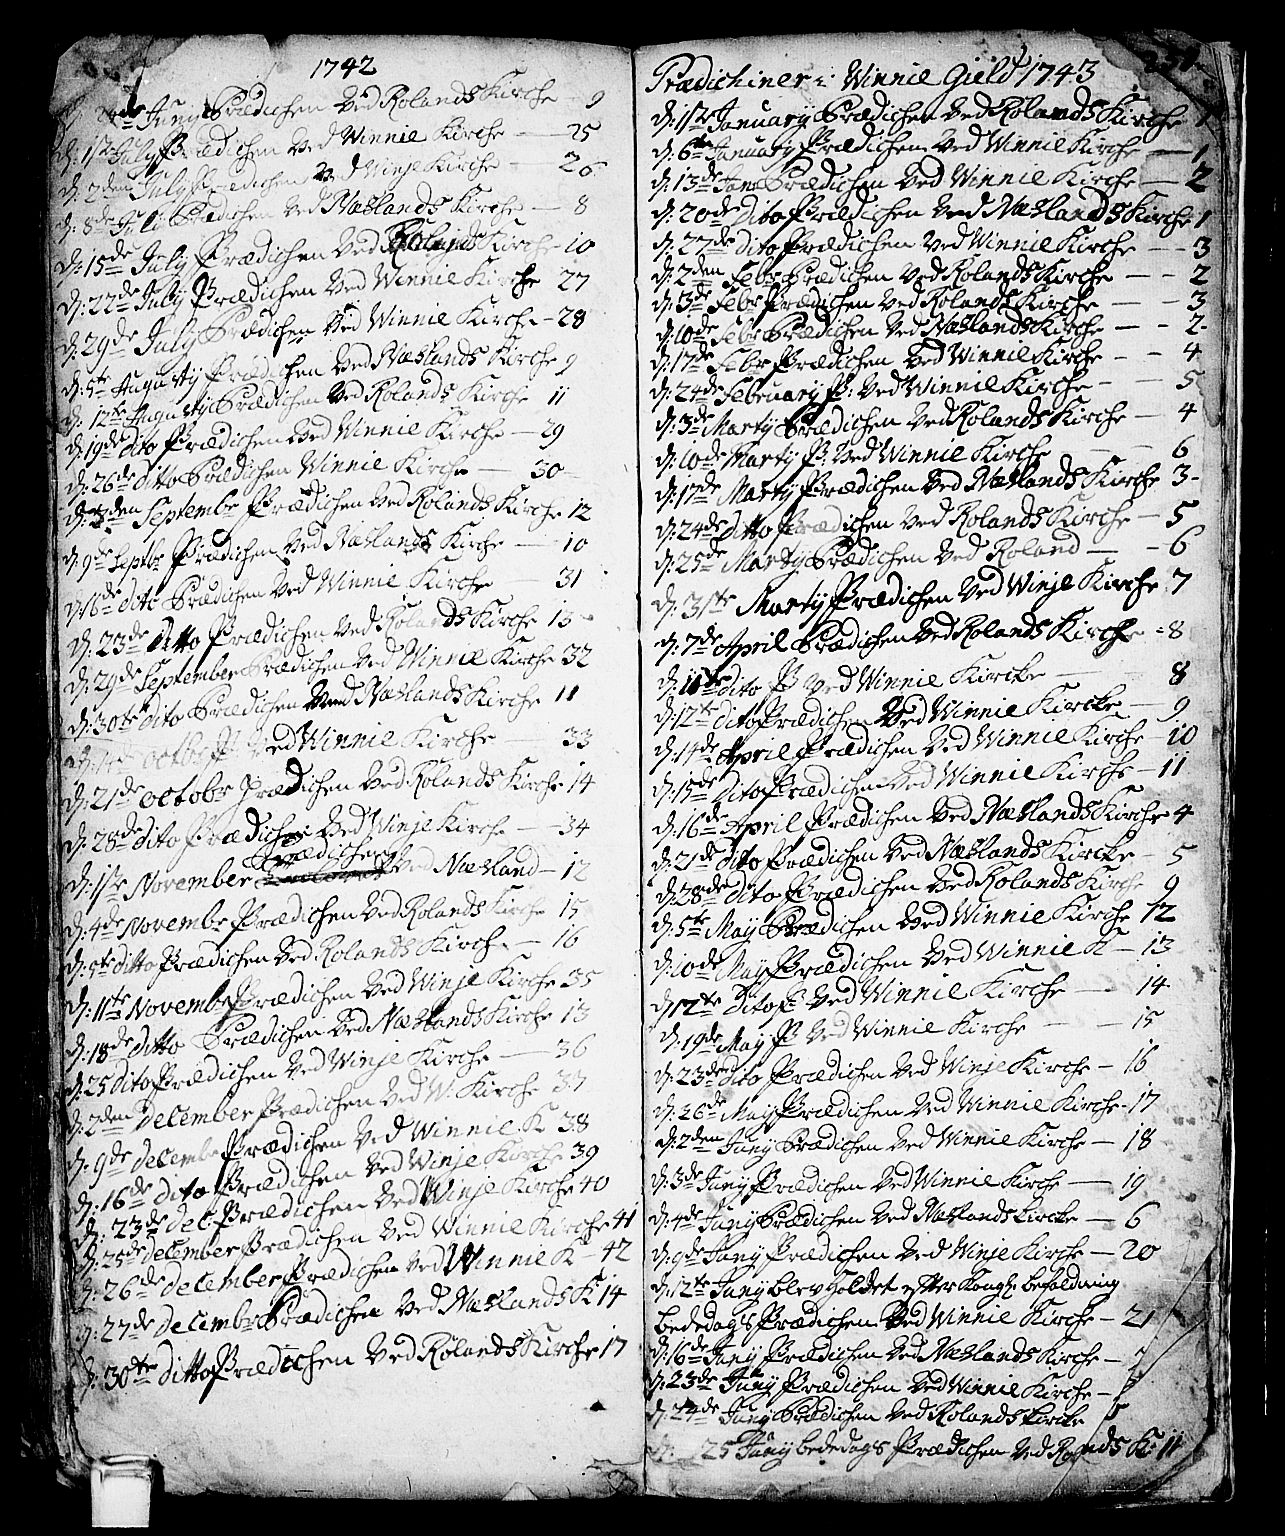 SAKO, Vinje kirkebøker, F/Fa/L0001: Ministerialbok nr. I 1, 1717-1766, s. 257